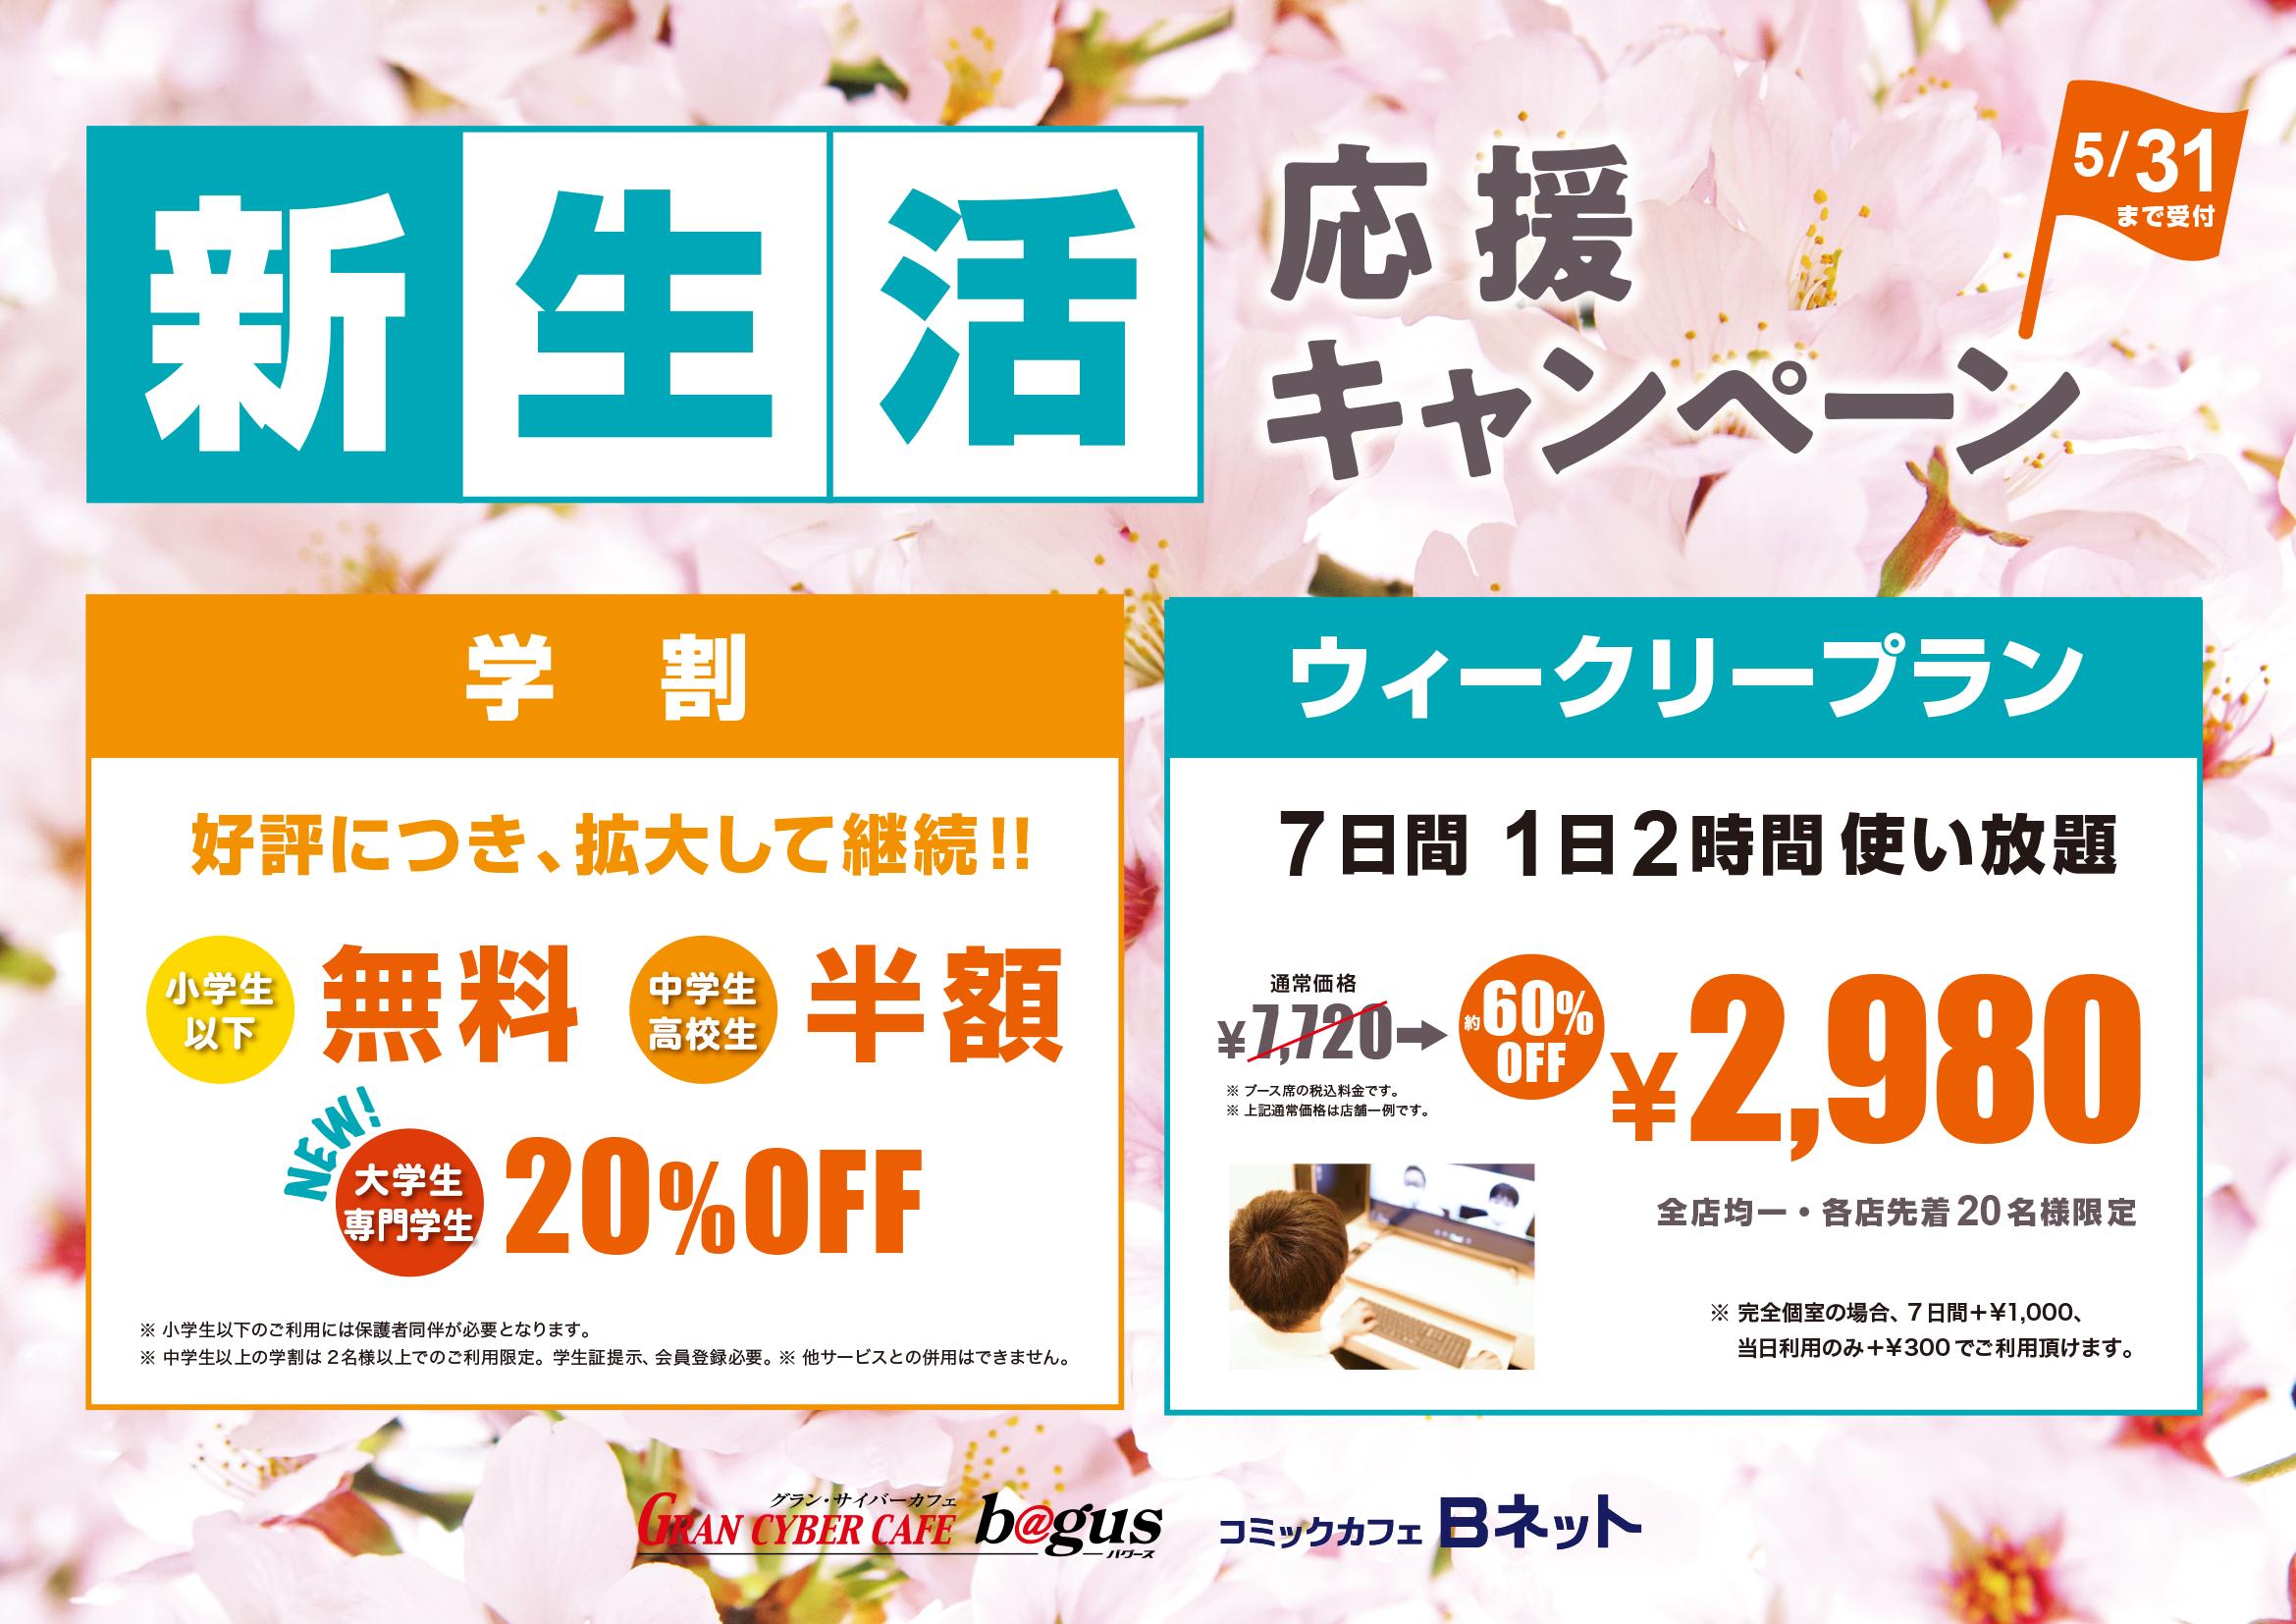 春の新生活応援キャンペーン!「ウィークリープラン2,980円」「新・学割プラン」登場!